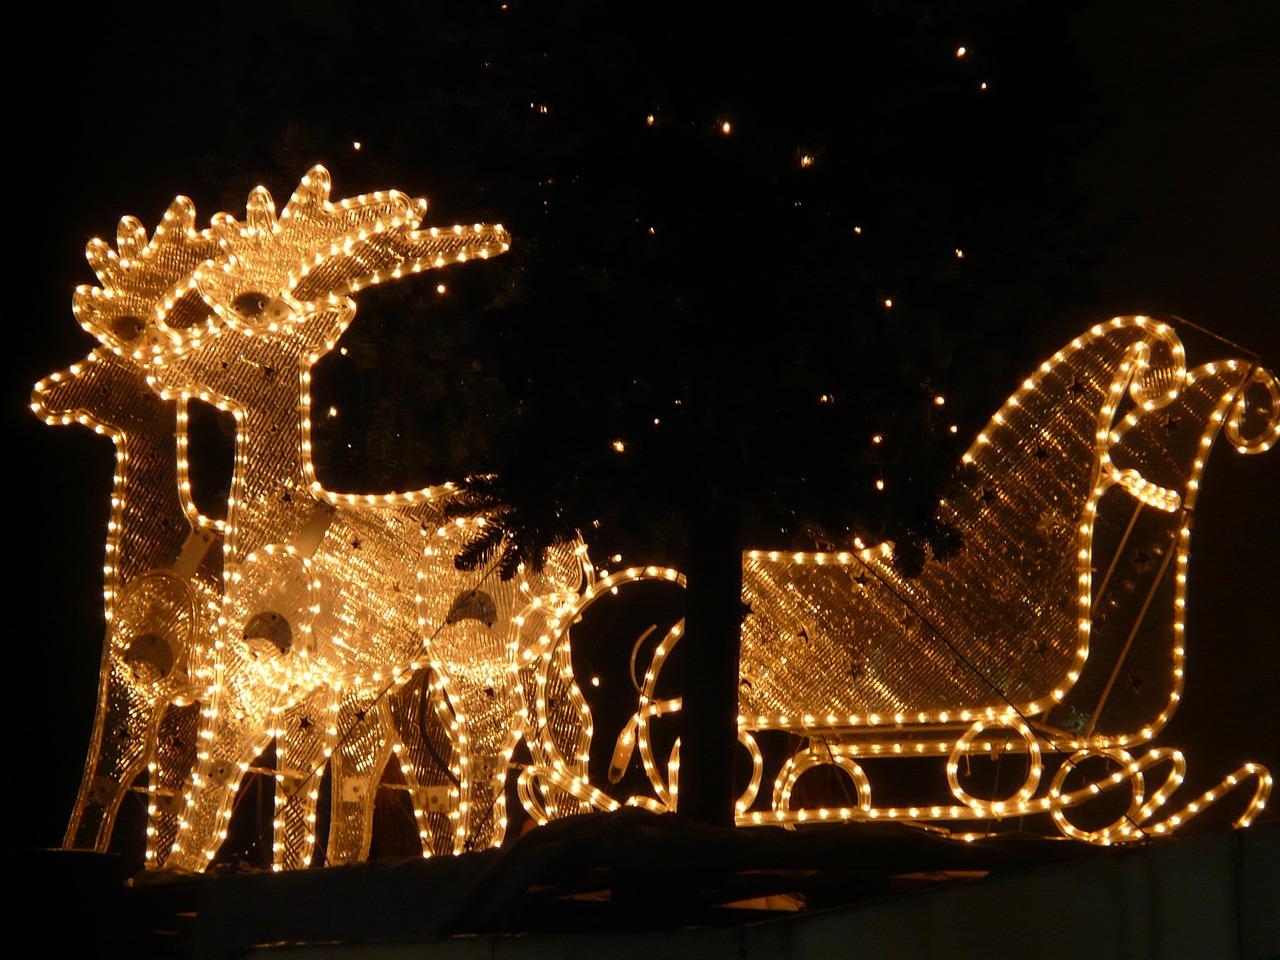 Hochwertige Weihnachtsbeleuchtung.Sichere Advents Und Weihnachtsbeleuchtung Hohenberger Elektro Gmbh